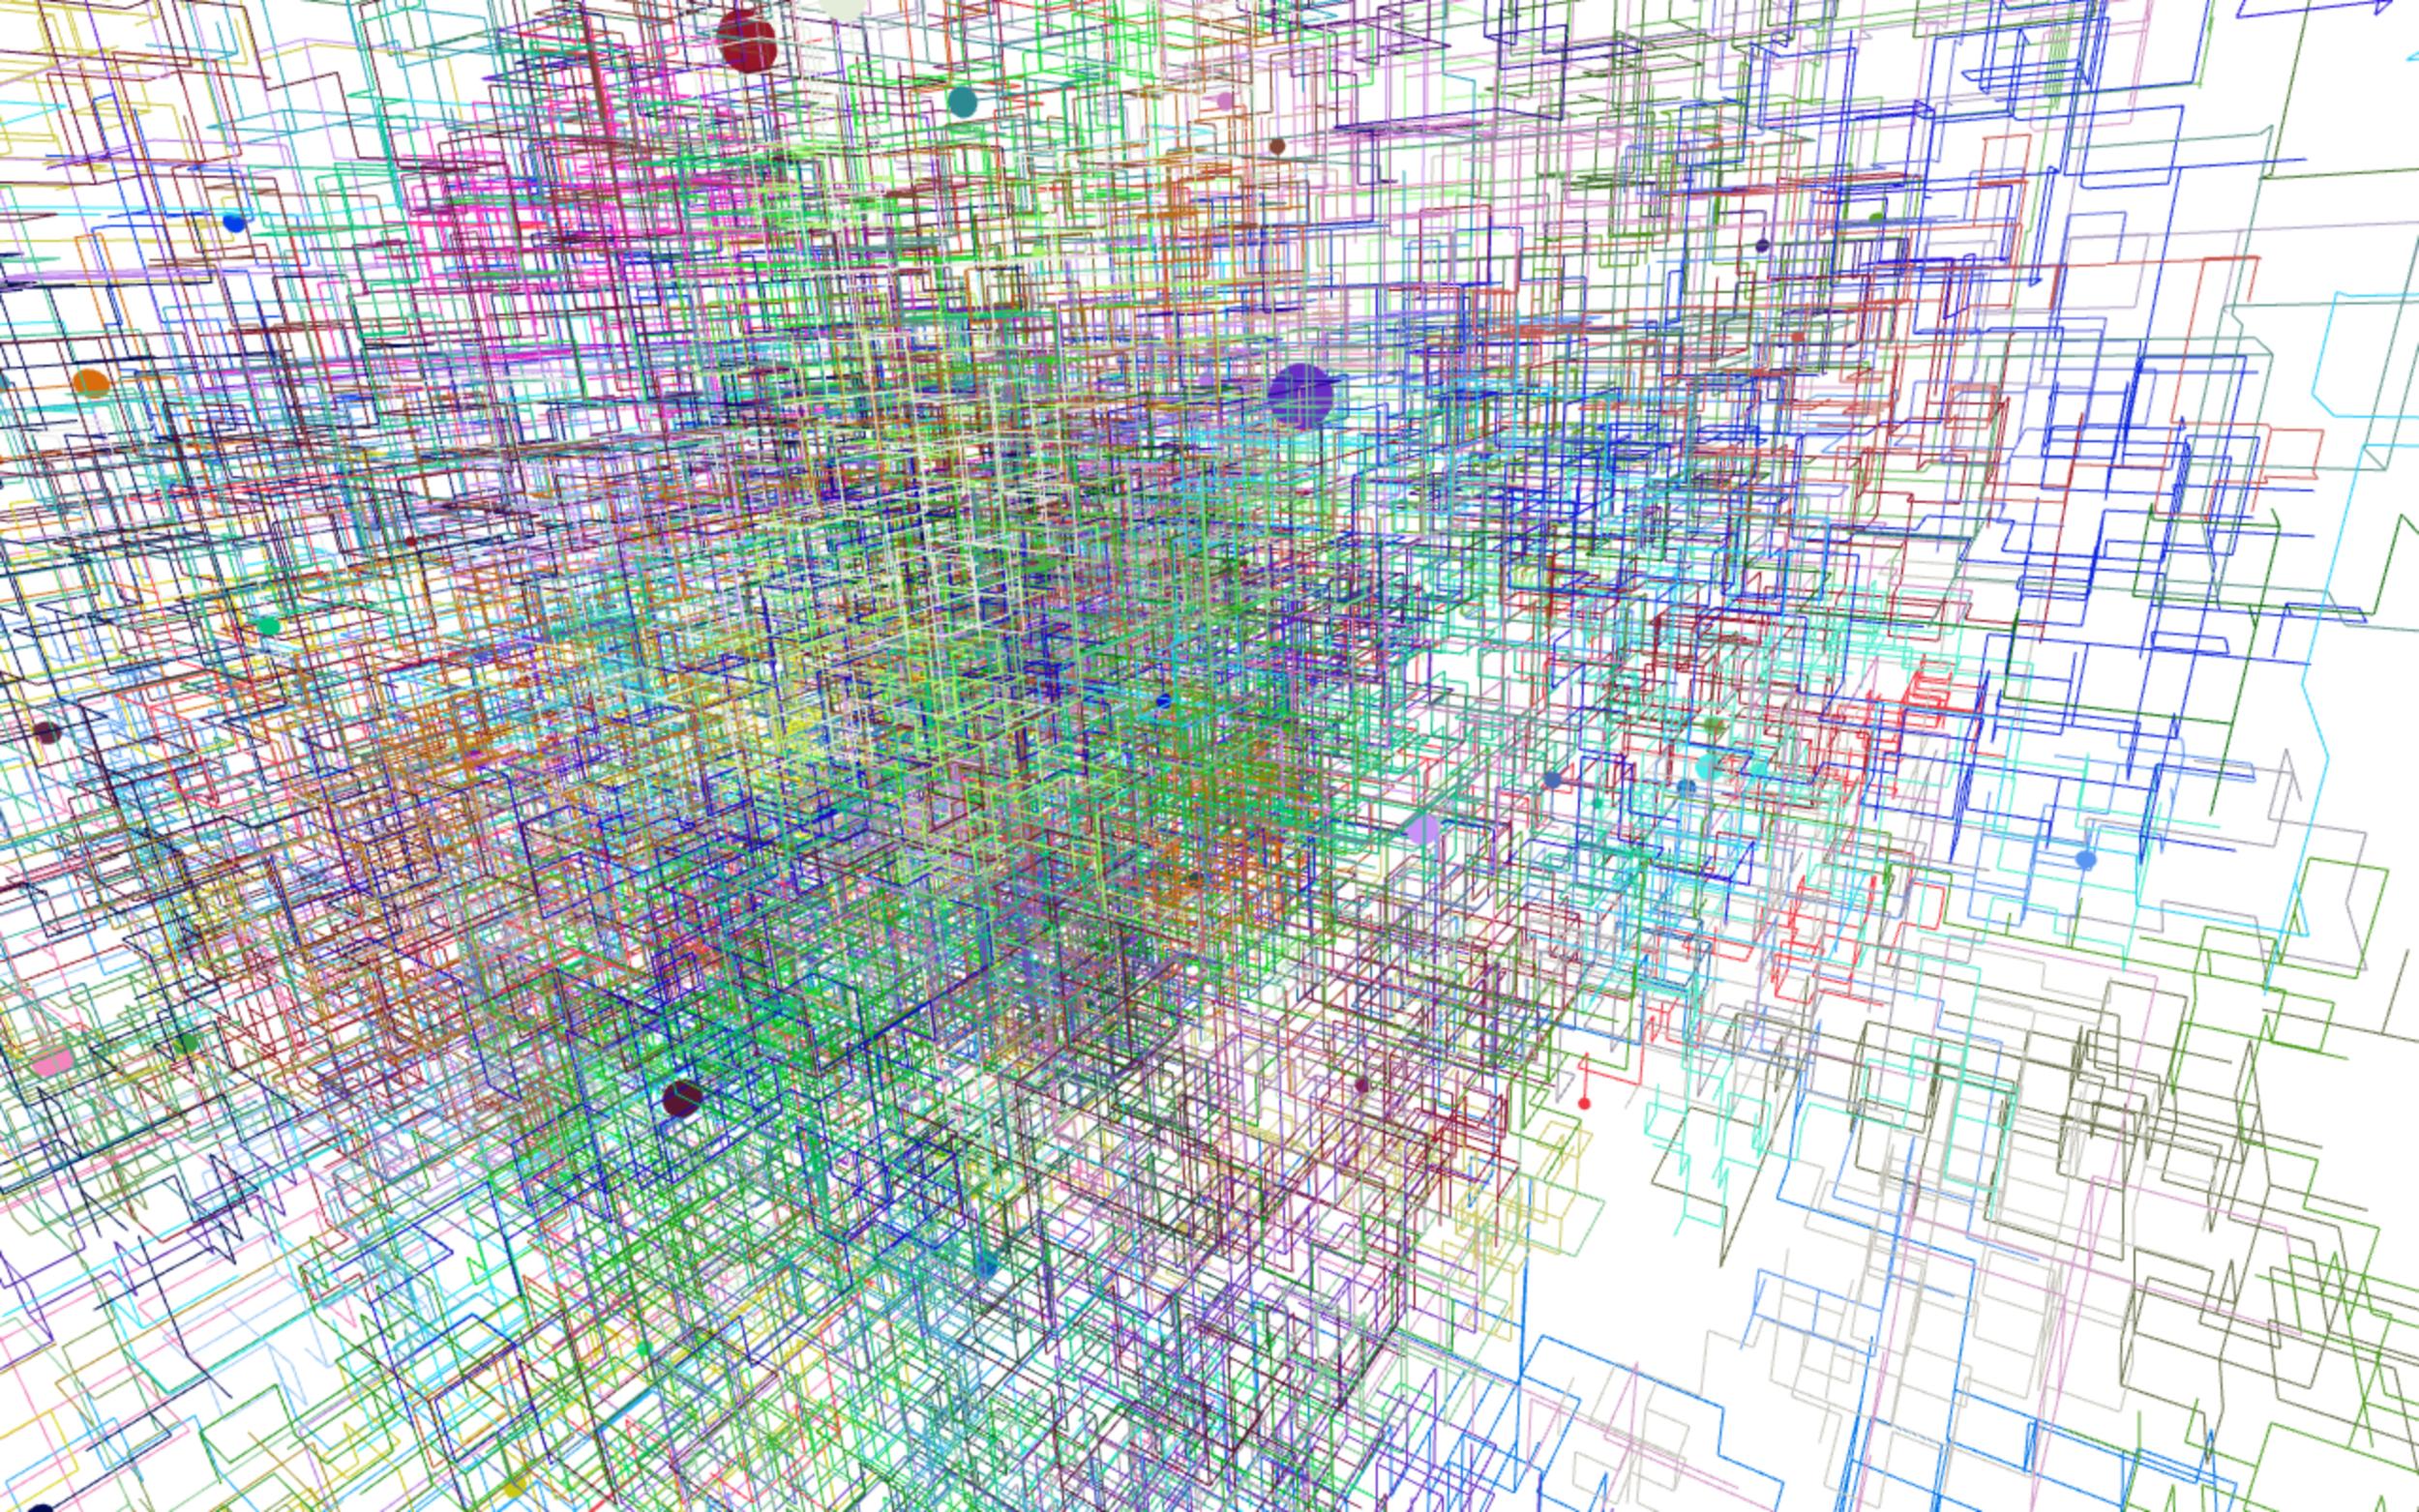 Screen Shot 2019-04-03 at 5.29.01 PM.png